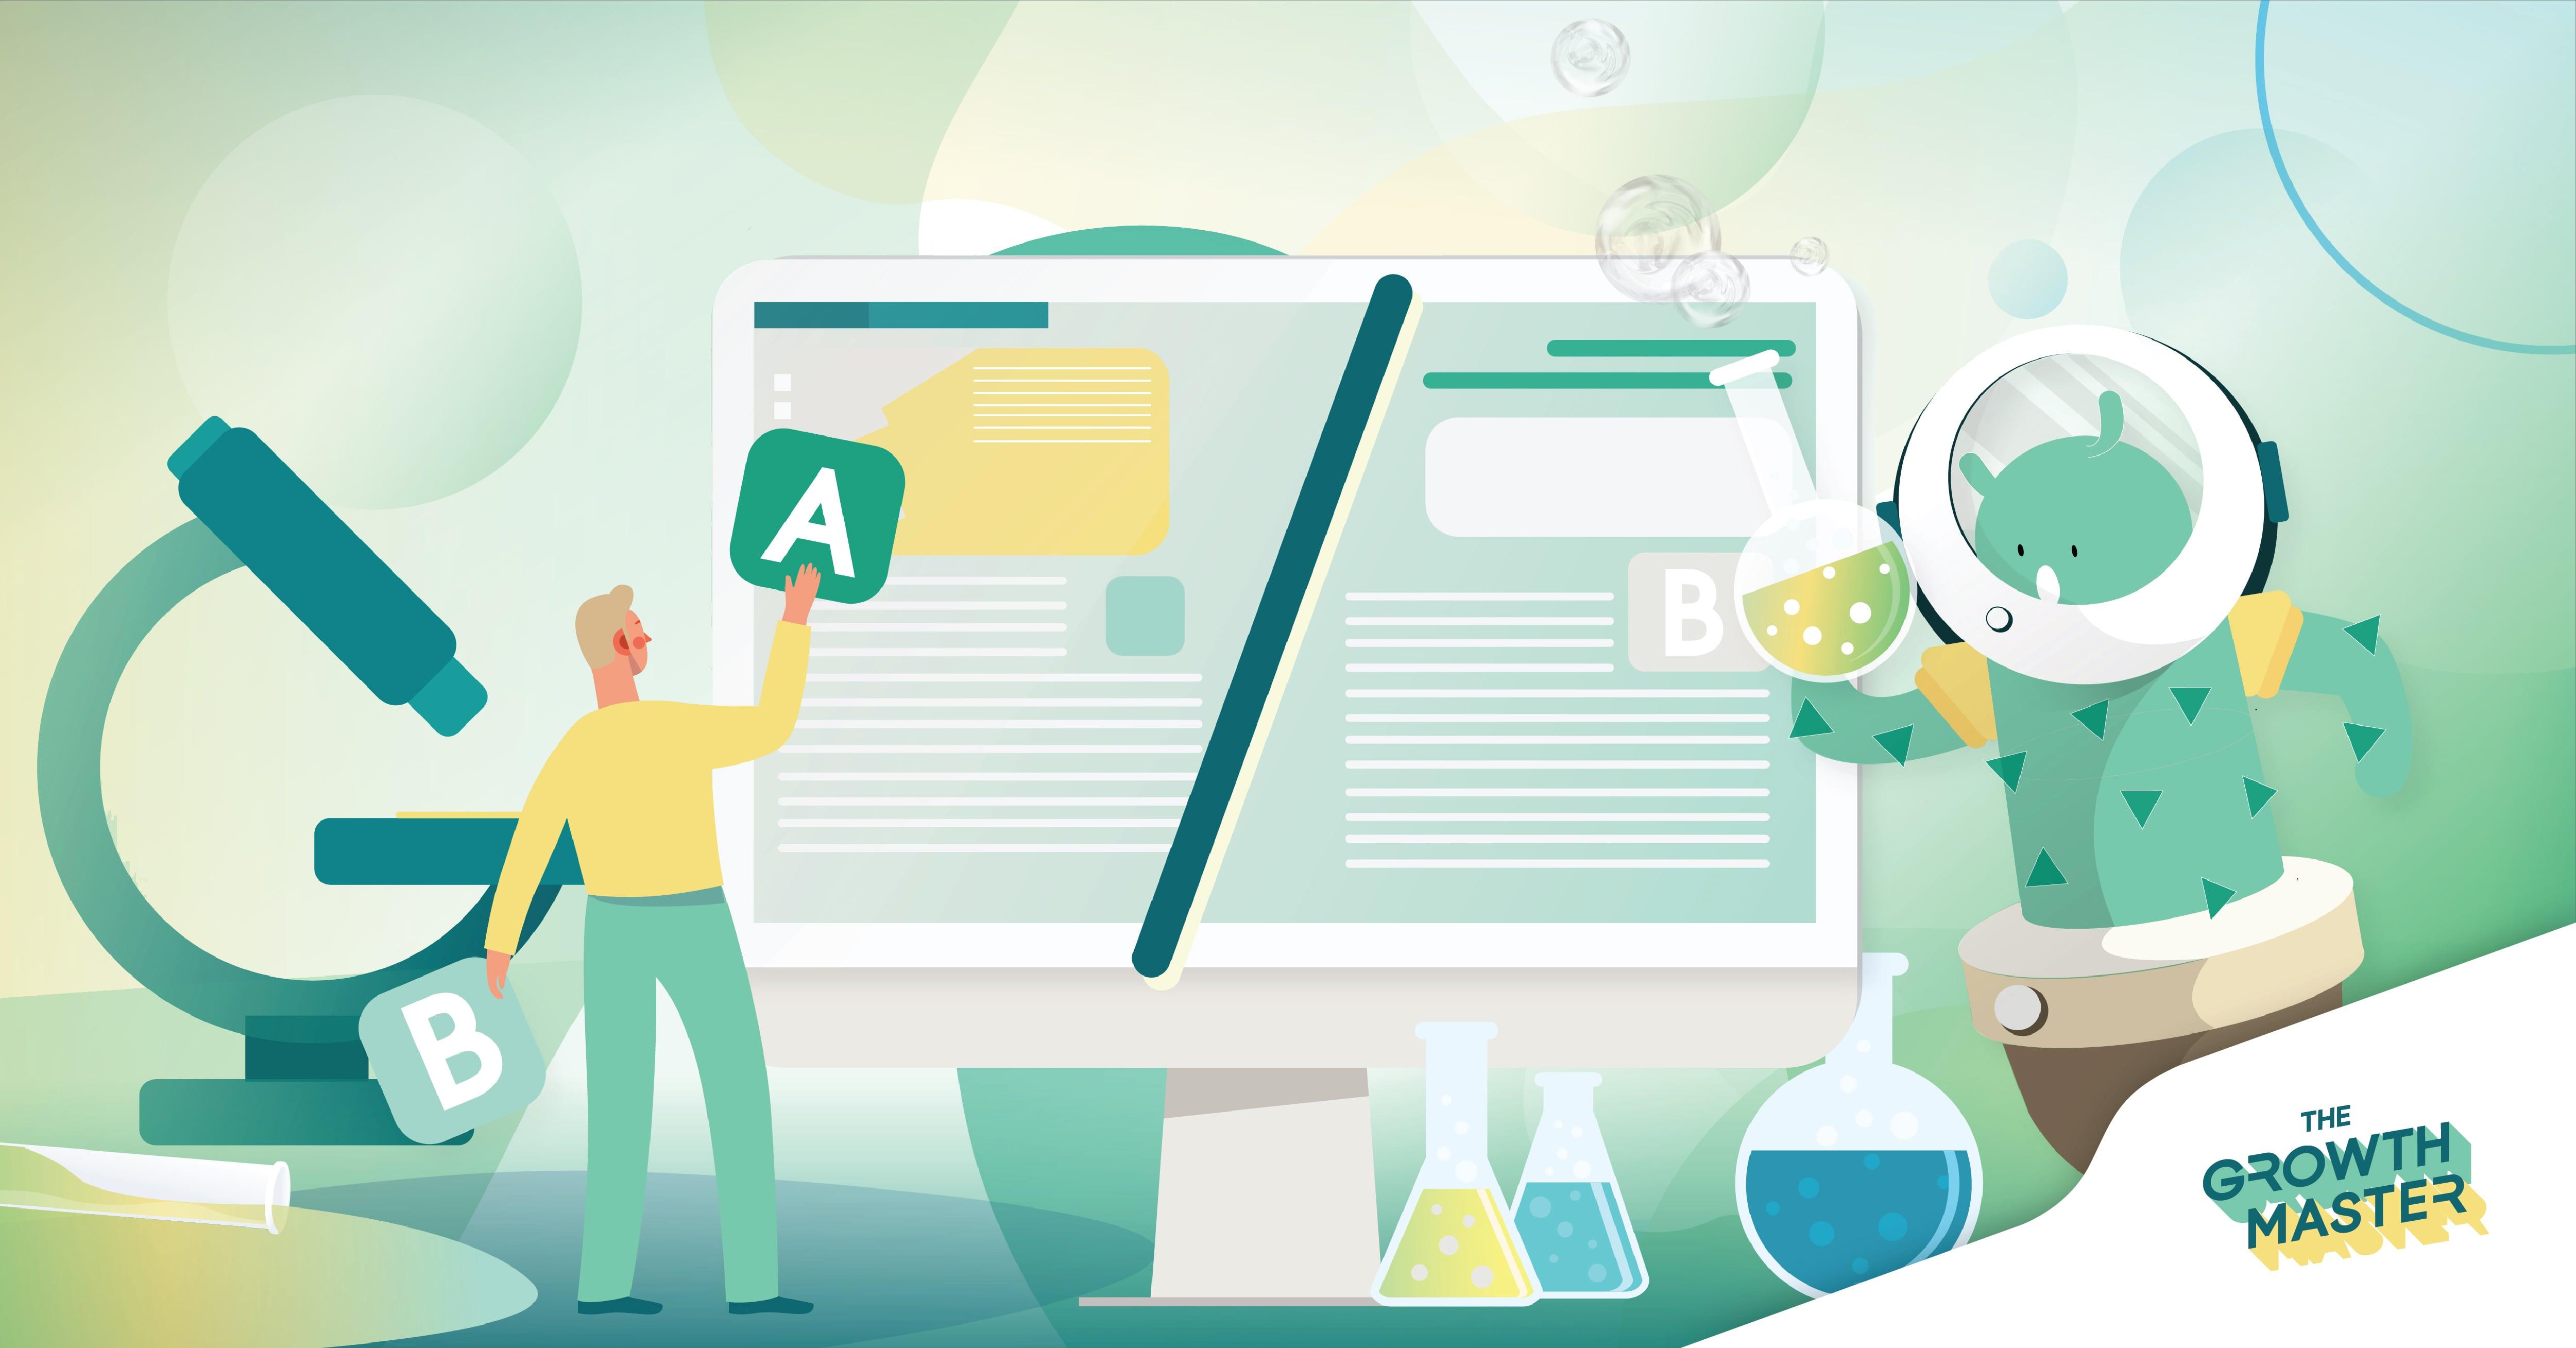 ใช้เทคนิค A/B Testing อย่างไร ให้การทำ Content Marketing  บนเว็บไซต์ โดนใจลูกค้ามากที่สุด!